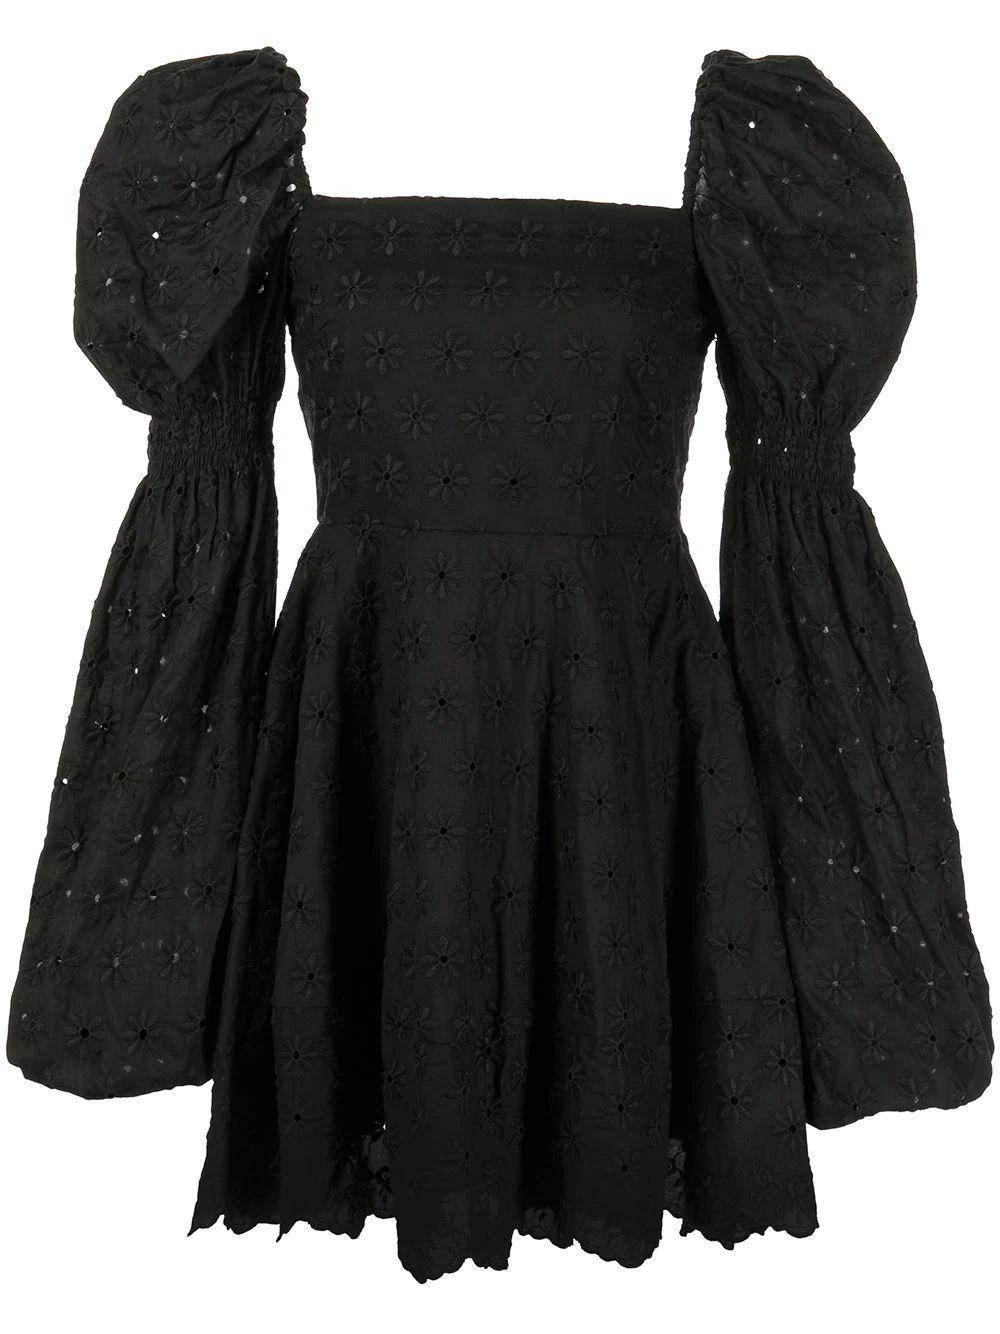 Wren Eyelet Dress Item # D366EYLS21